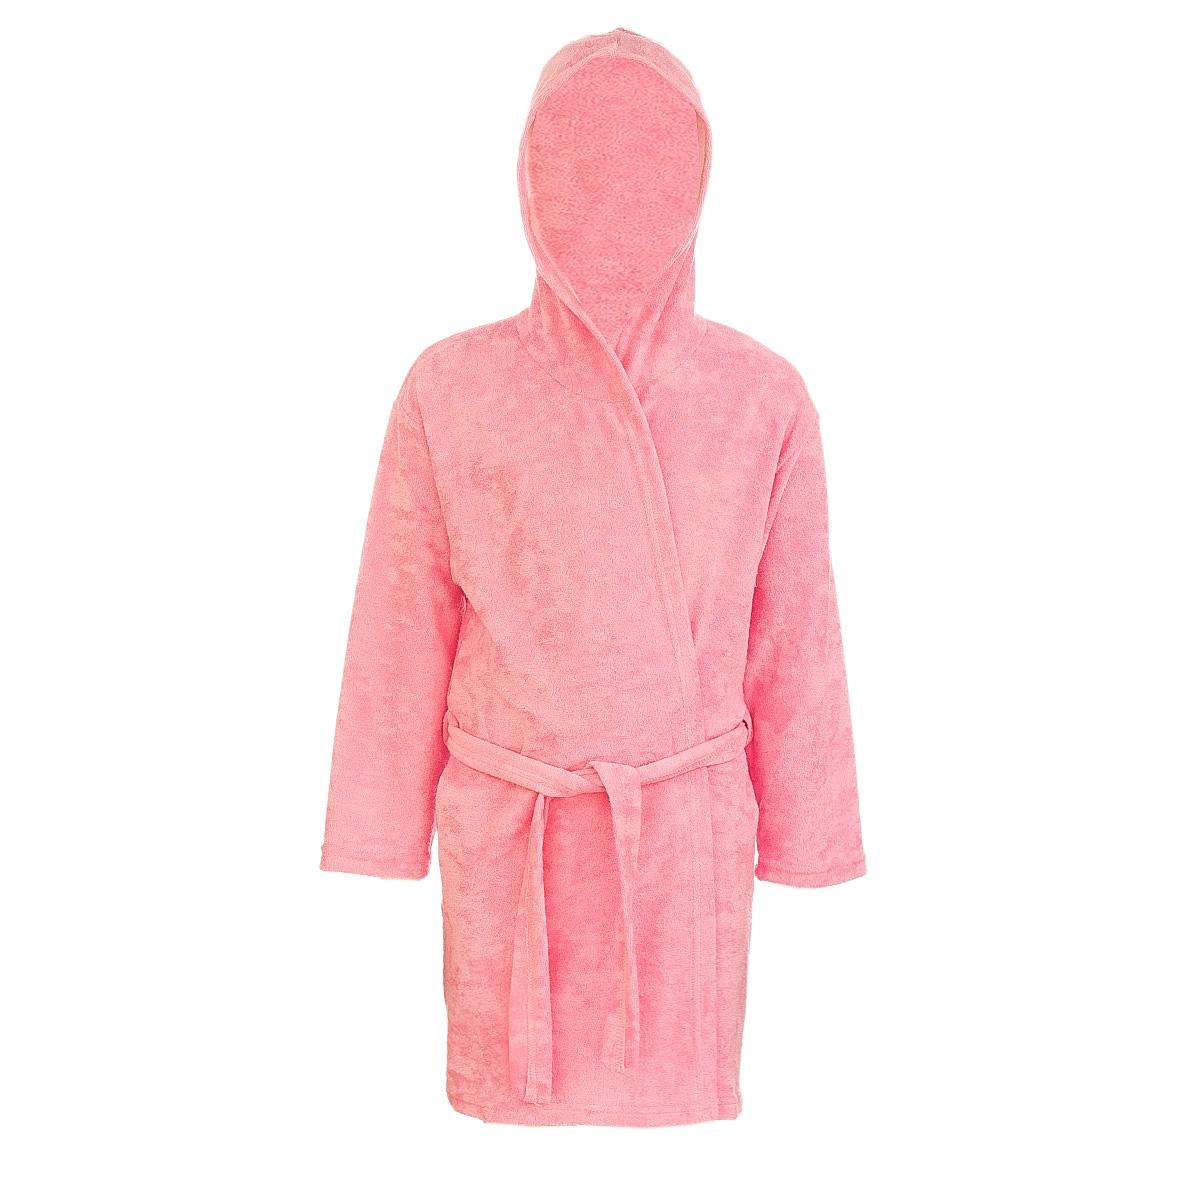 Халат детский M&D, цвет: розовый. Х70505. Размер 140Х70505Мягкий и пушистый халат от фирмы M&D выполнен из хлопка с добавлением полиэстера, приятен к телу и износоустойчив.Халат можно носить по дому или надевать выходя из ванной. Ткань хорошо впитывает влагу и быстро сохнет. Модель с капюшоном и длинными рукавами оснащена шлёвками и поясом.Изделие понравится ребенку, подарит ему тепло, комфорт и уют.